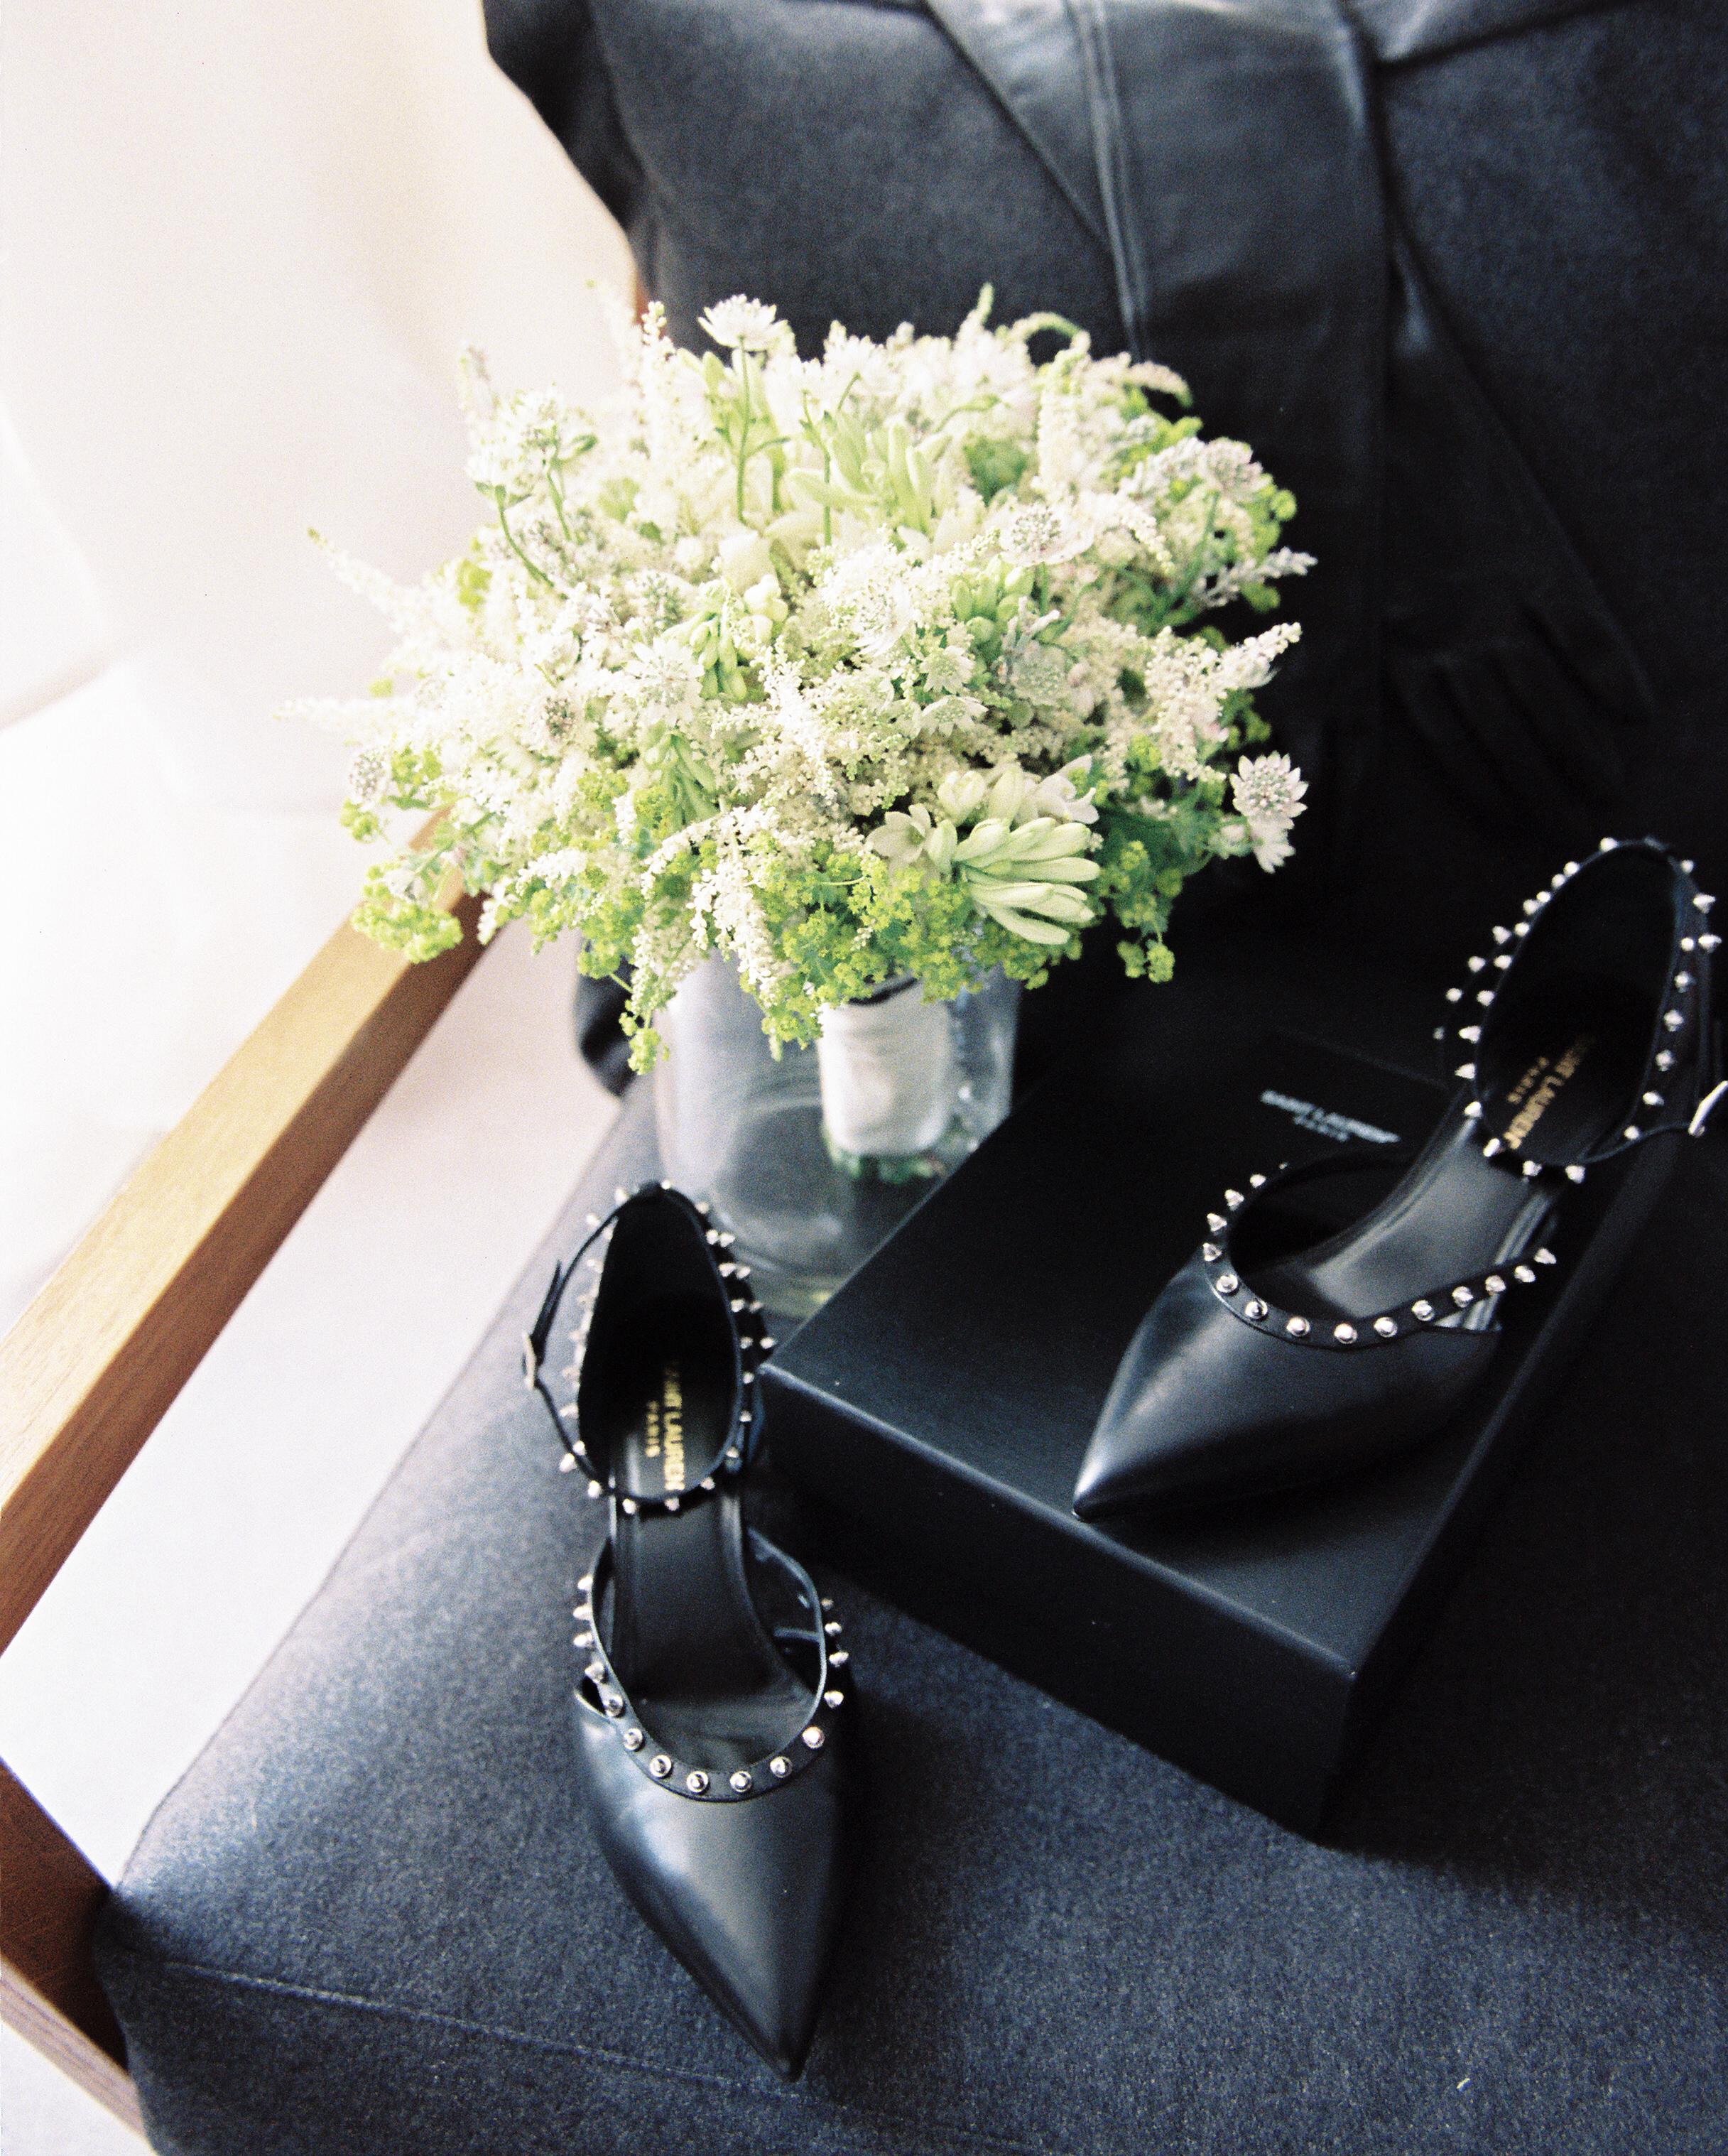 amy-sheldon-wedding-shoes-0004-s112088-0815.jpg